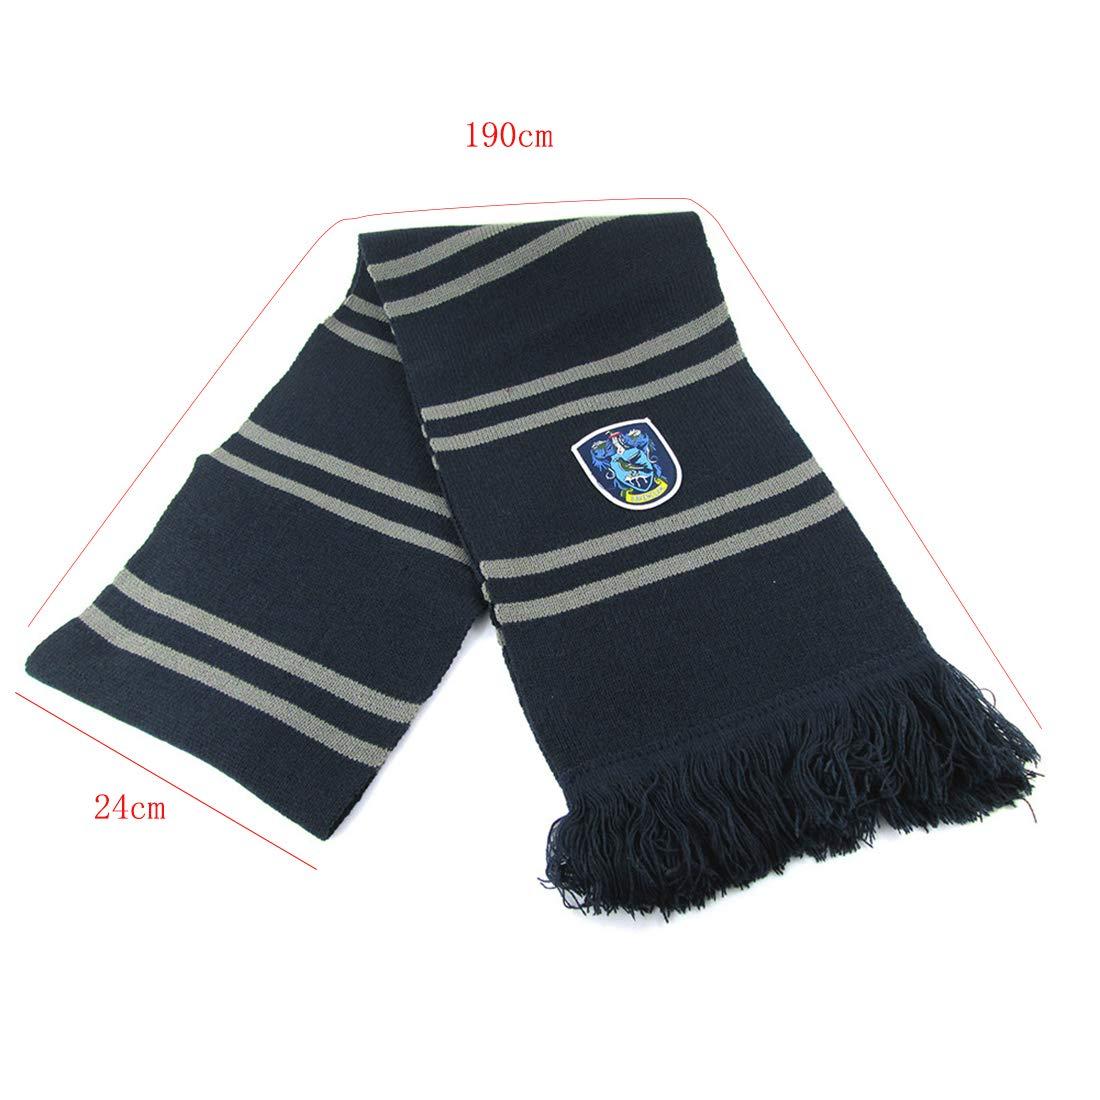 TianLinPT 190CXM X 24cm /Écharpe de mode, /écharpe unisexe hiver au printemps, le meilleur cadeau pour les enfants anniversaire